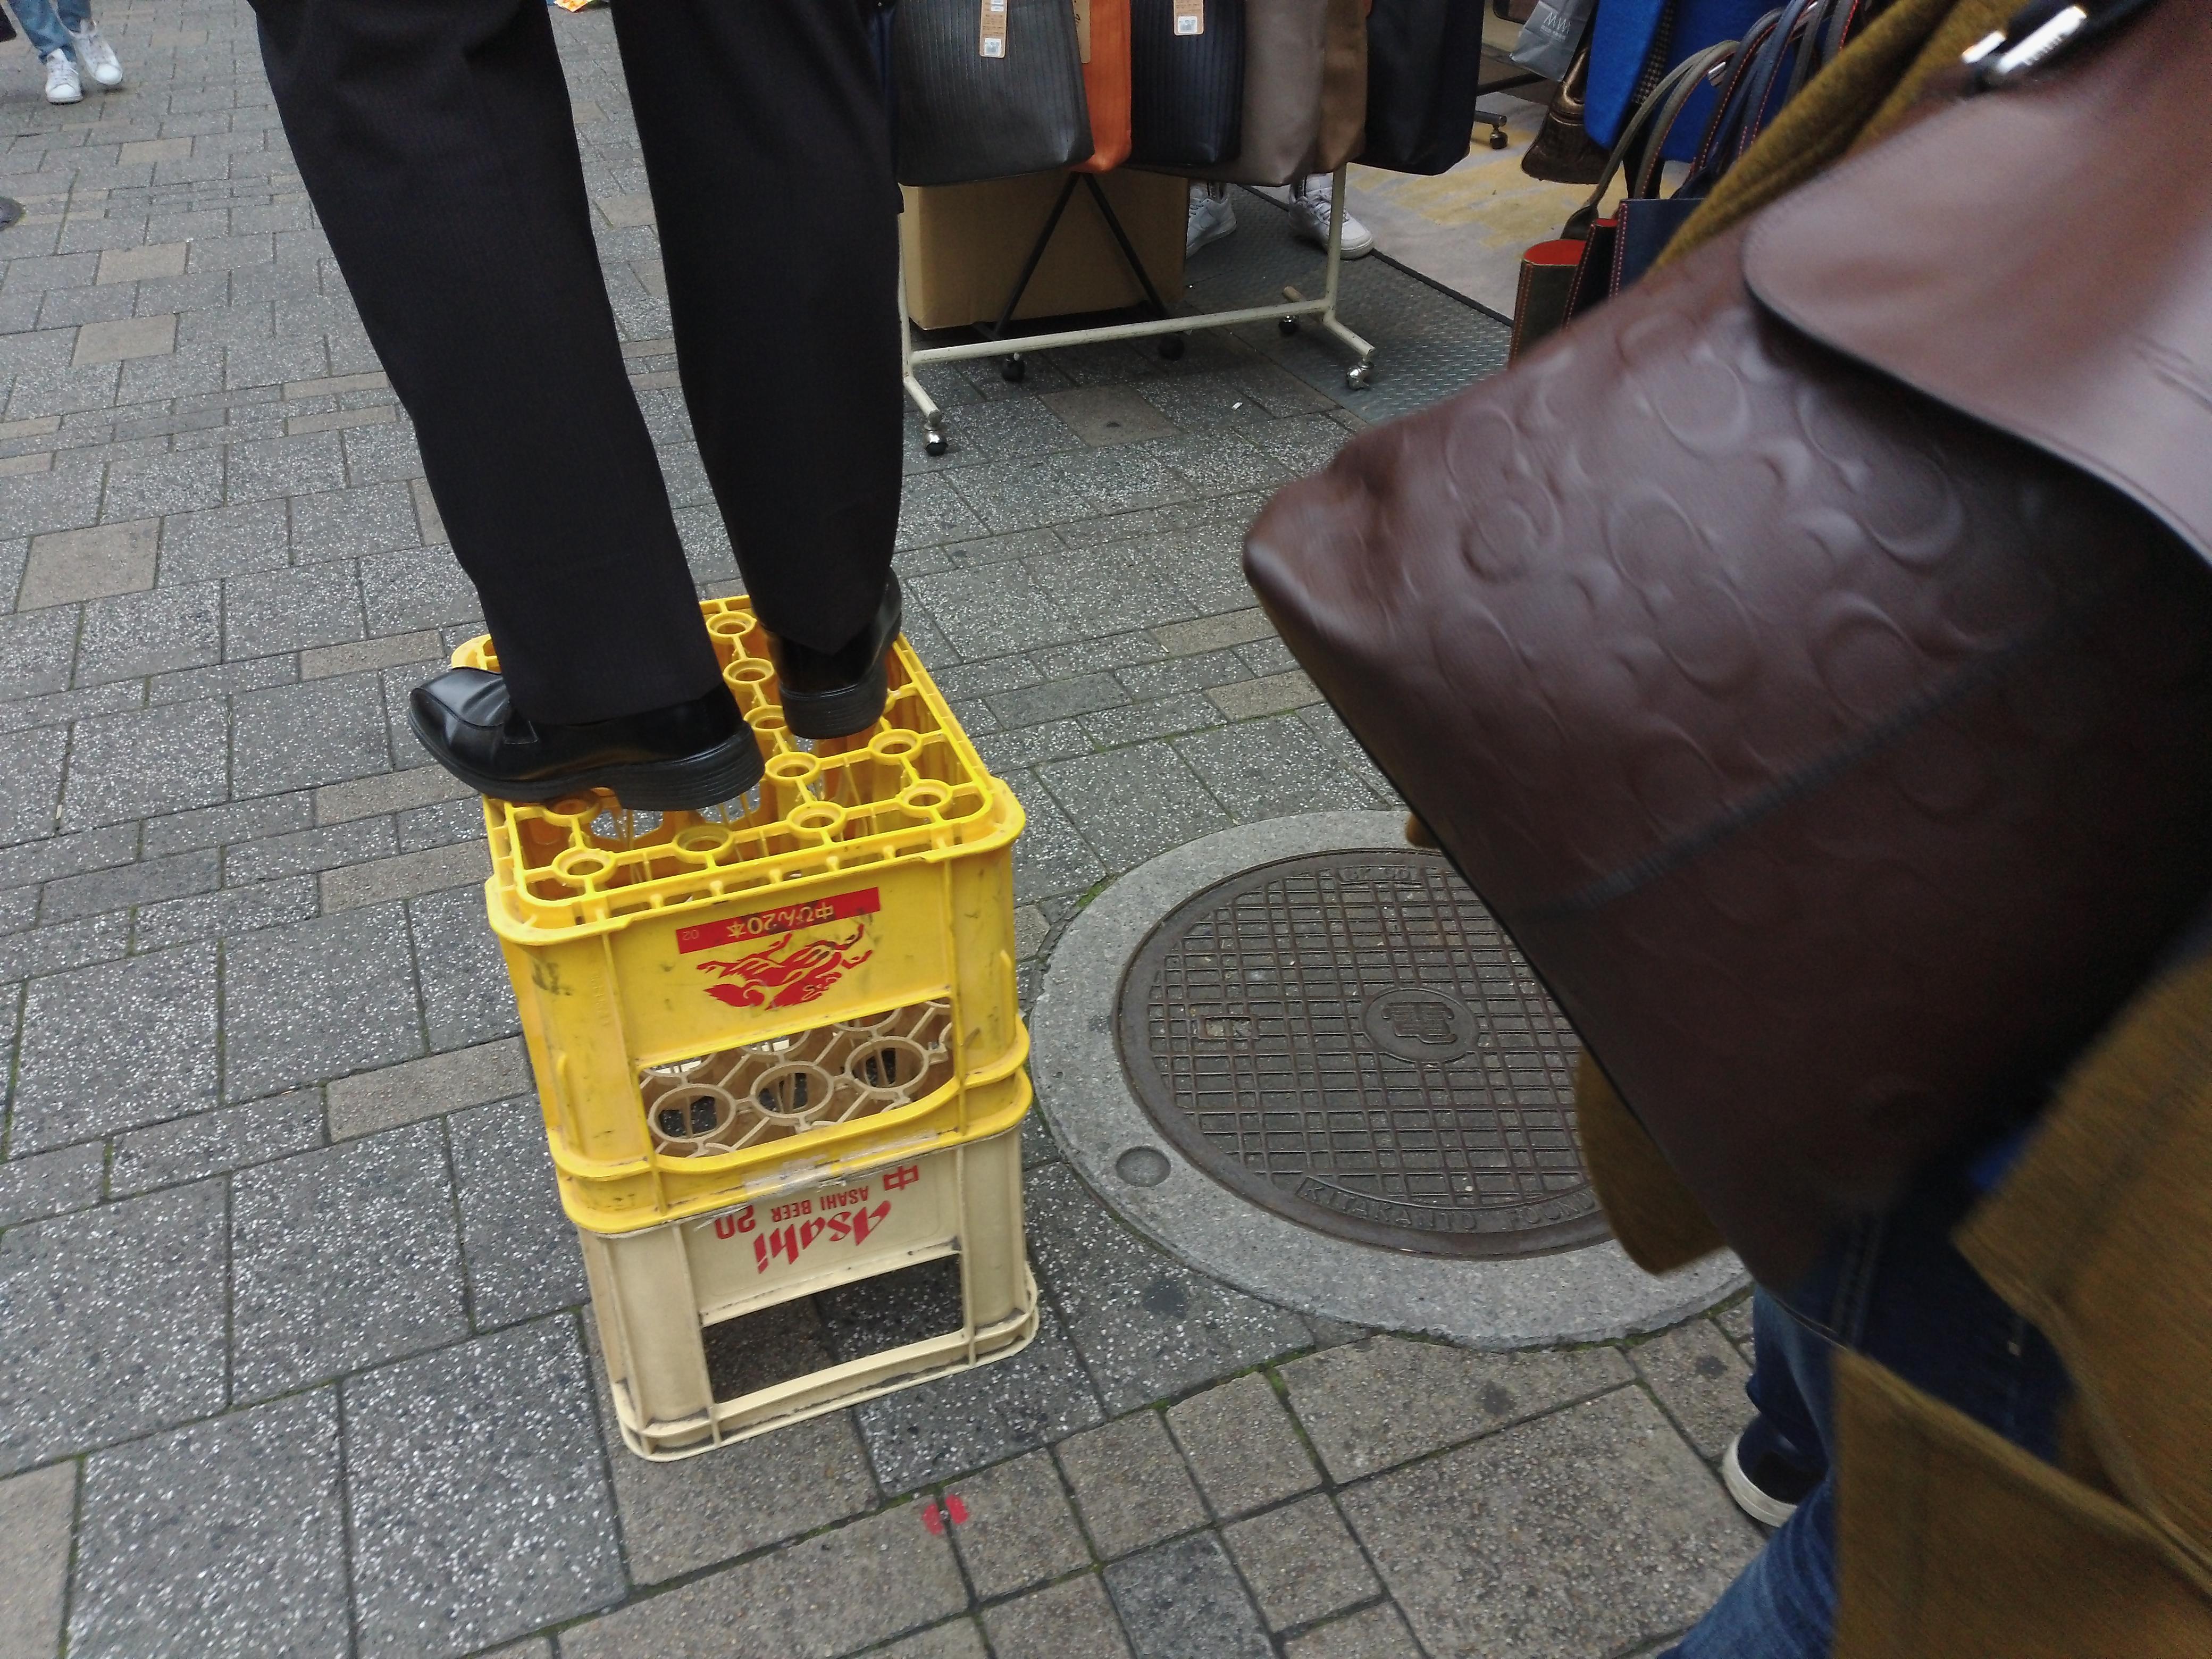 これはビールの箱に乗っている人の足下を狙ったものだが、ノーファインダーでうまく写せた。慣れればだいたいの写る範囲が想像できる